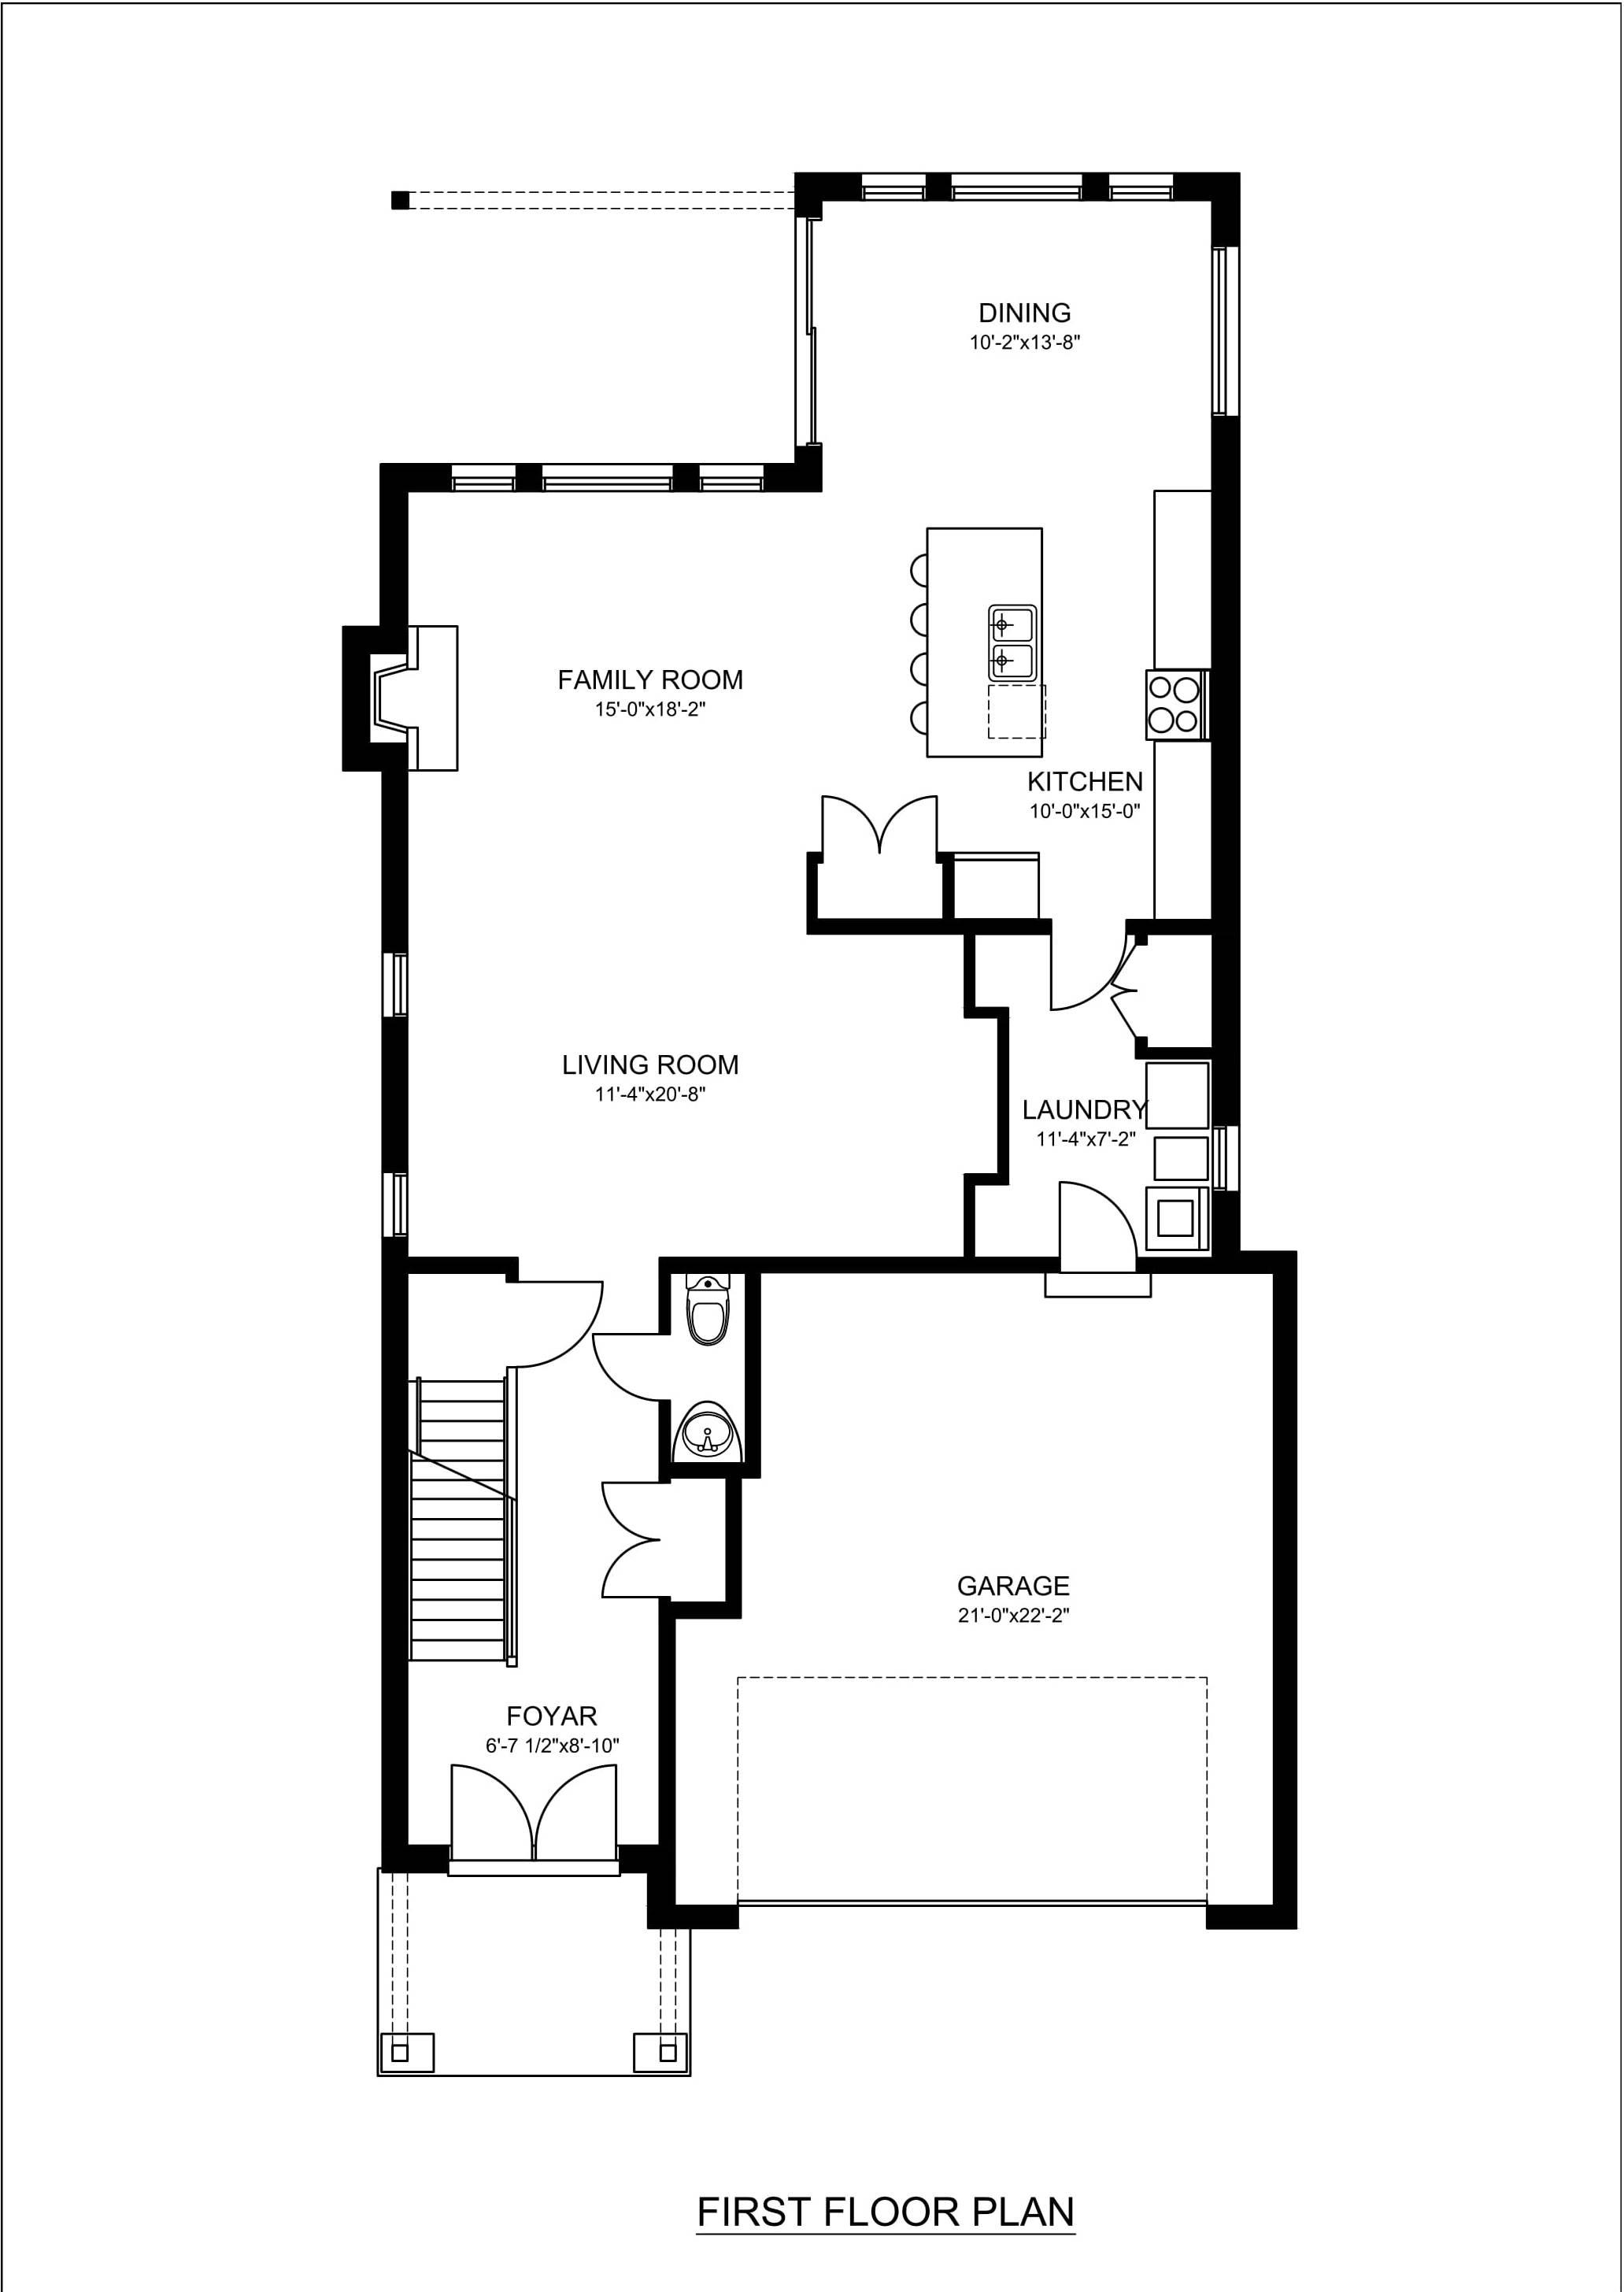 Floor Plan Samples 5 - 5D Floor plans, 5D Floor plans, 5D Interiors